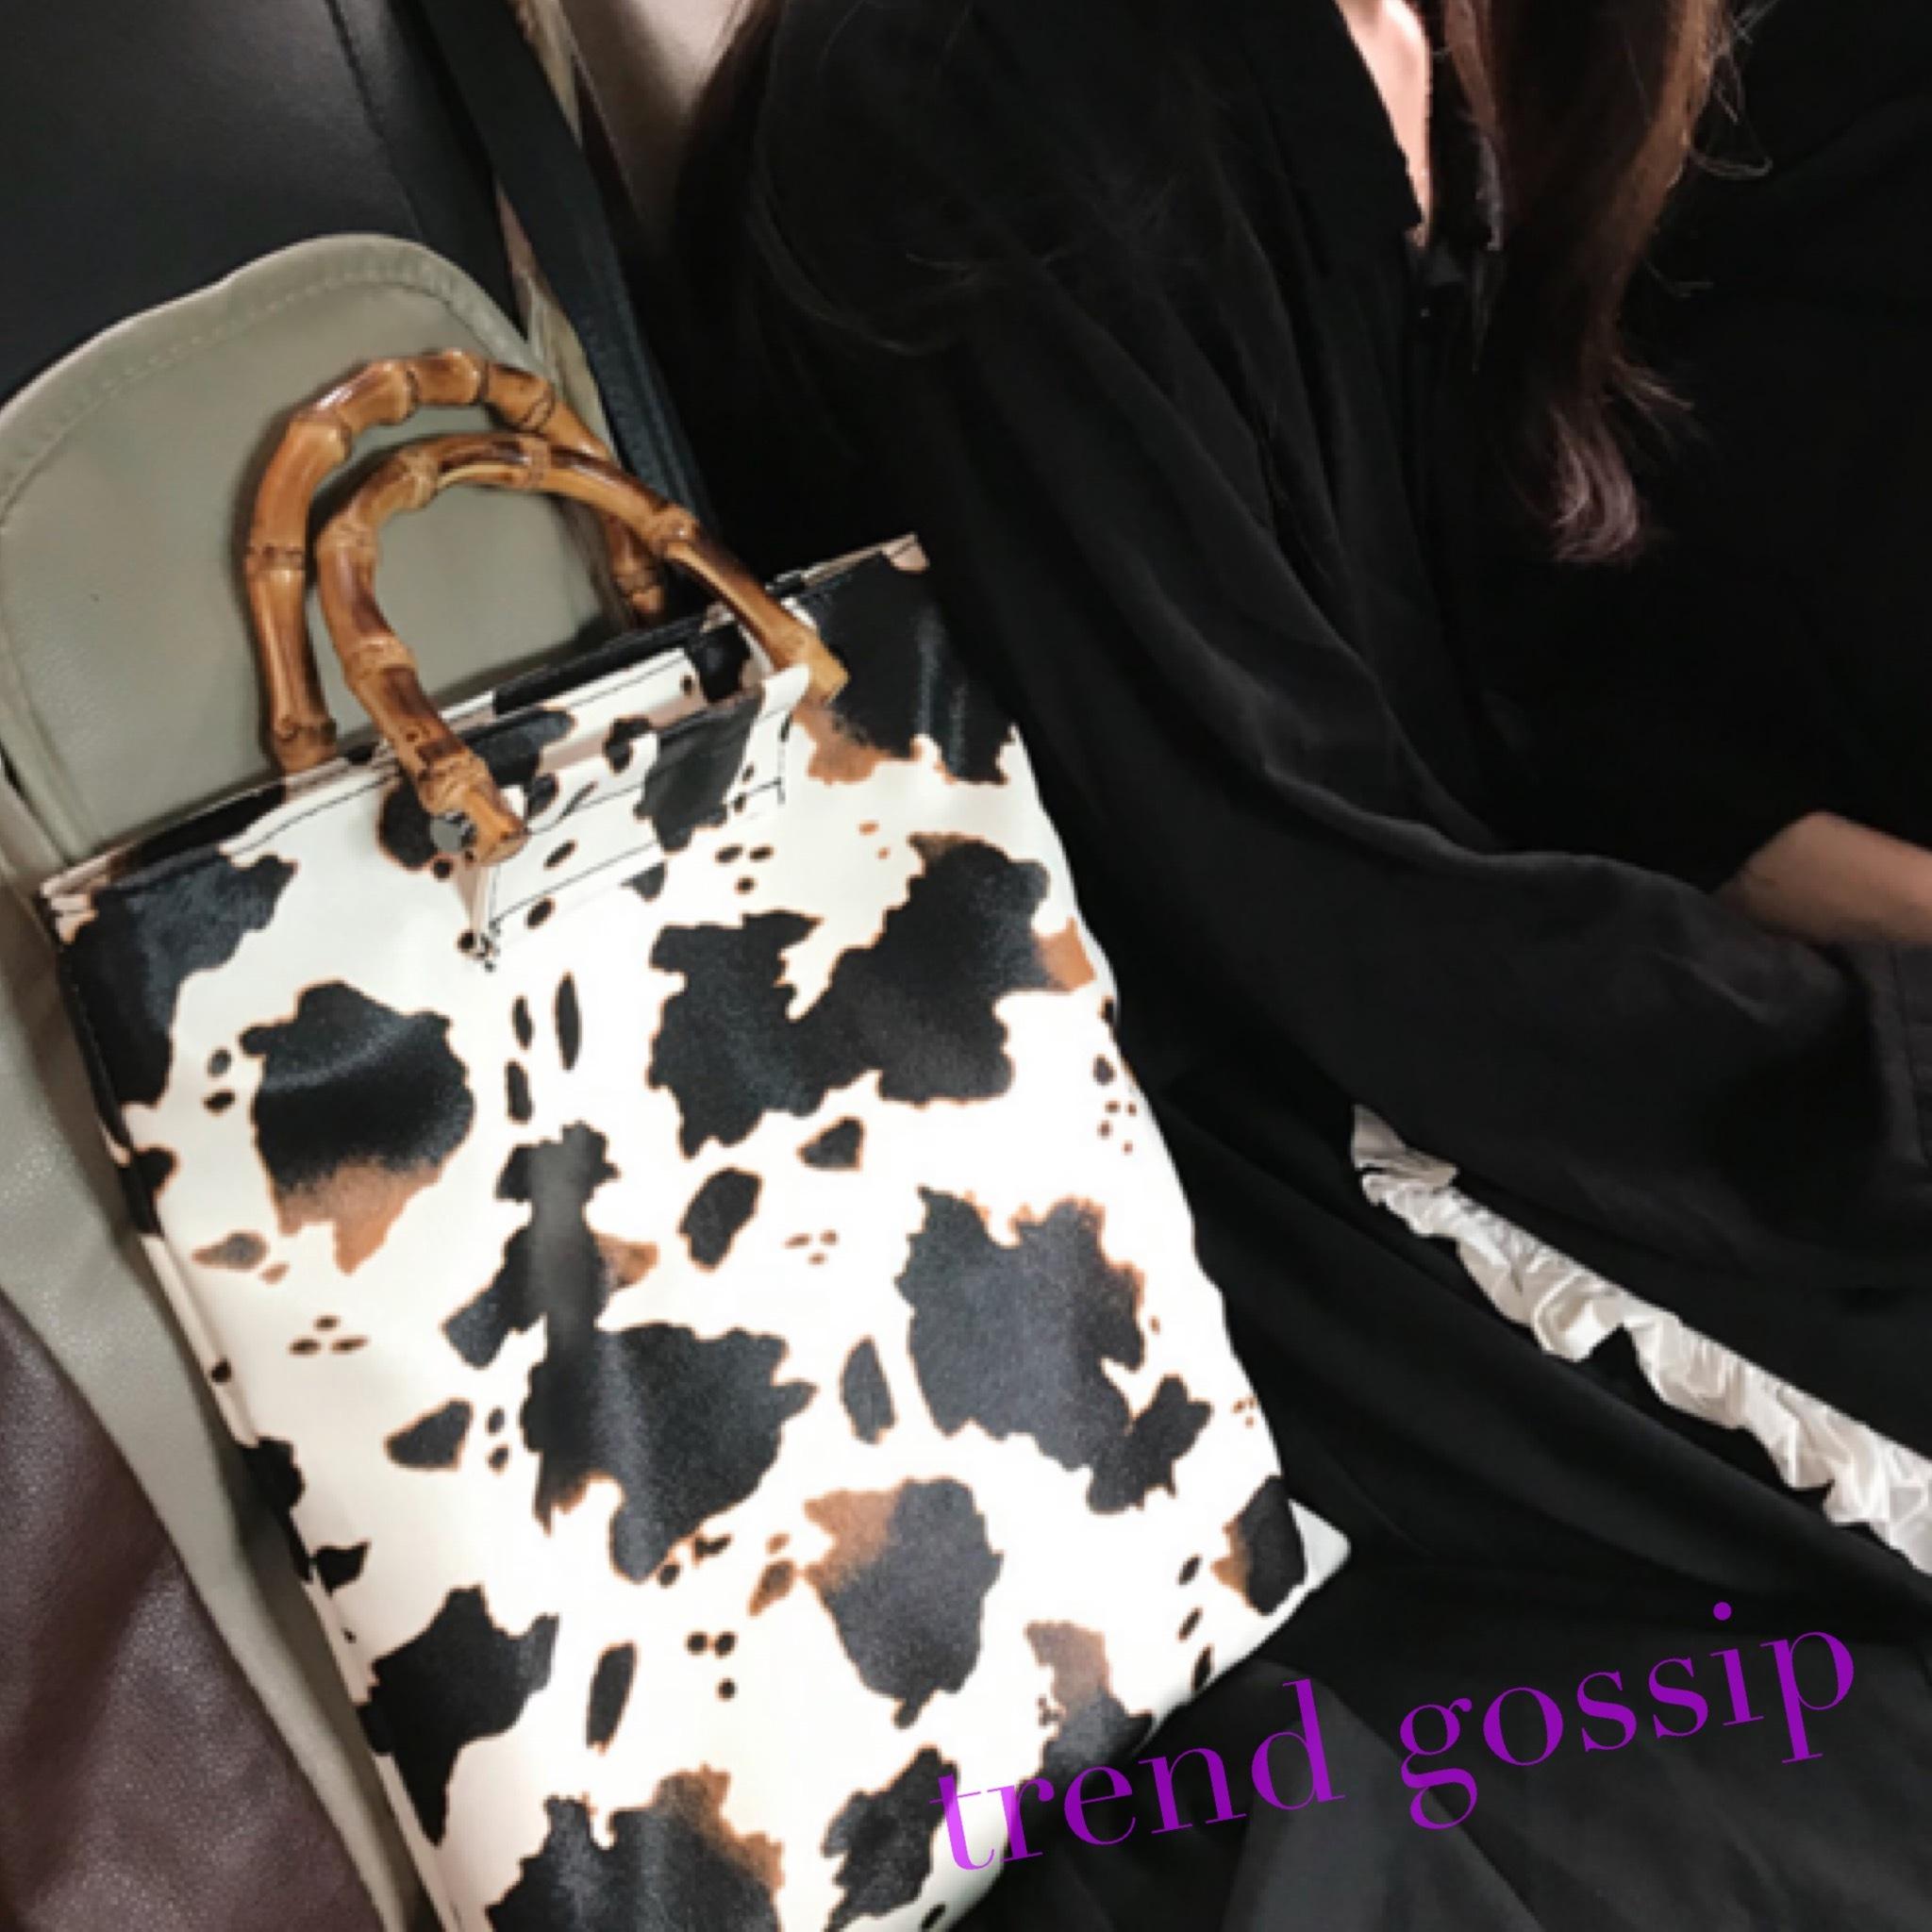 バンブーハンドルカウ柄トートバッグ/鞄/Bag/2020SS